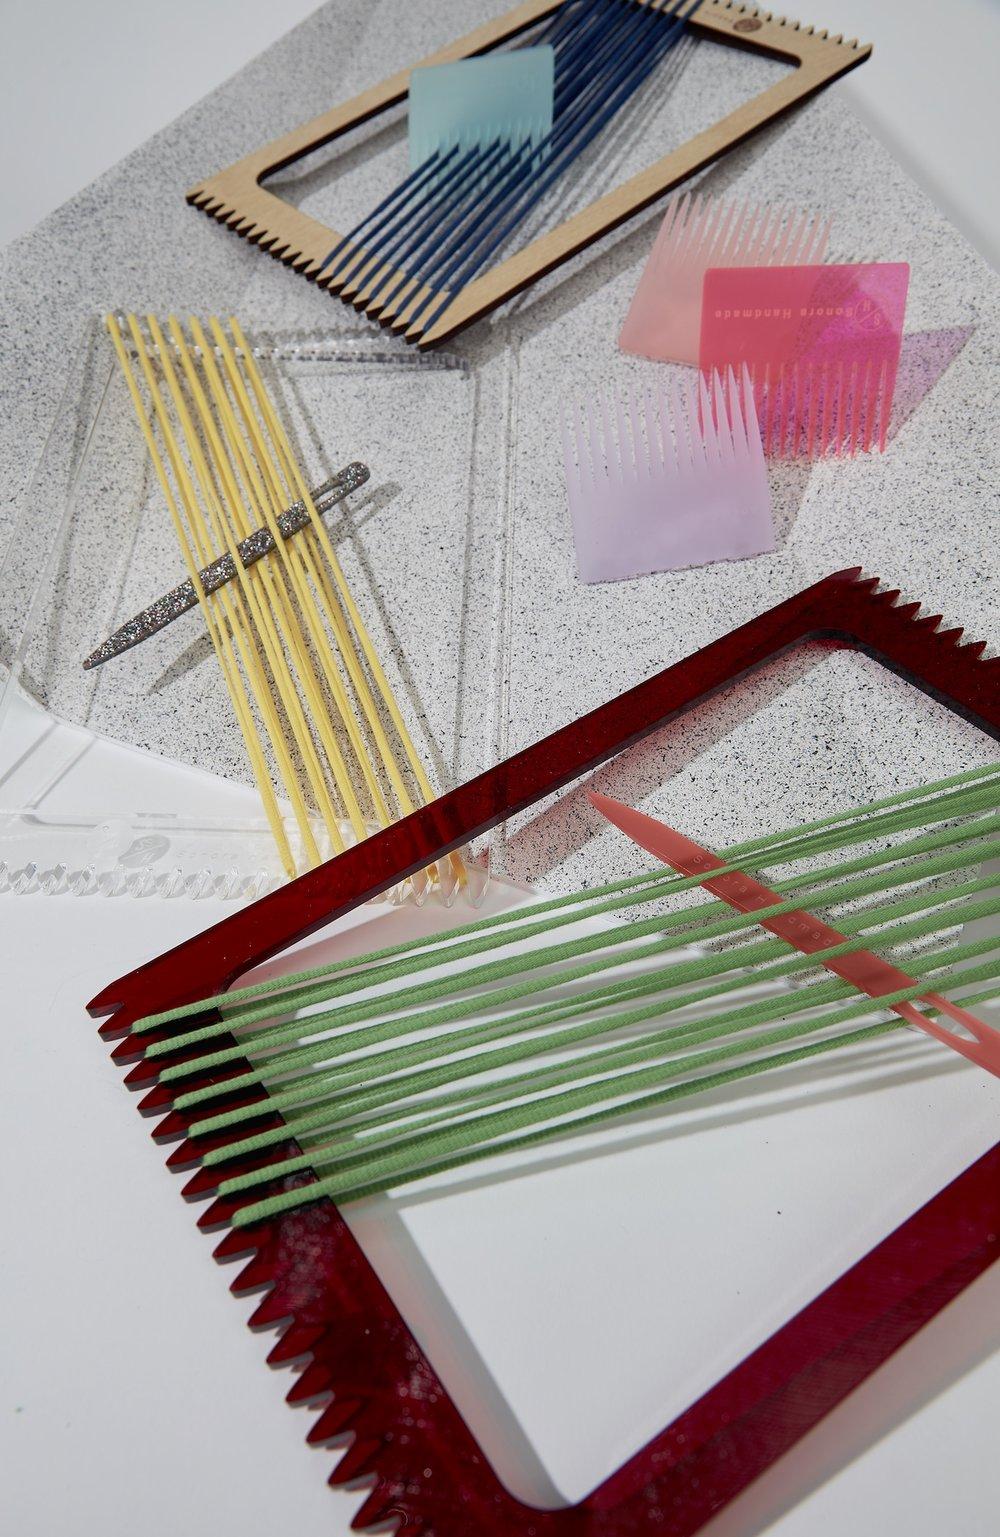 modern_weaving_supplies.jpg